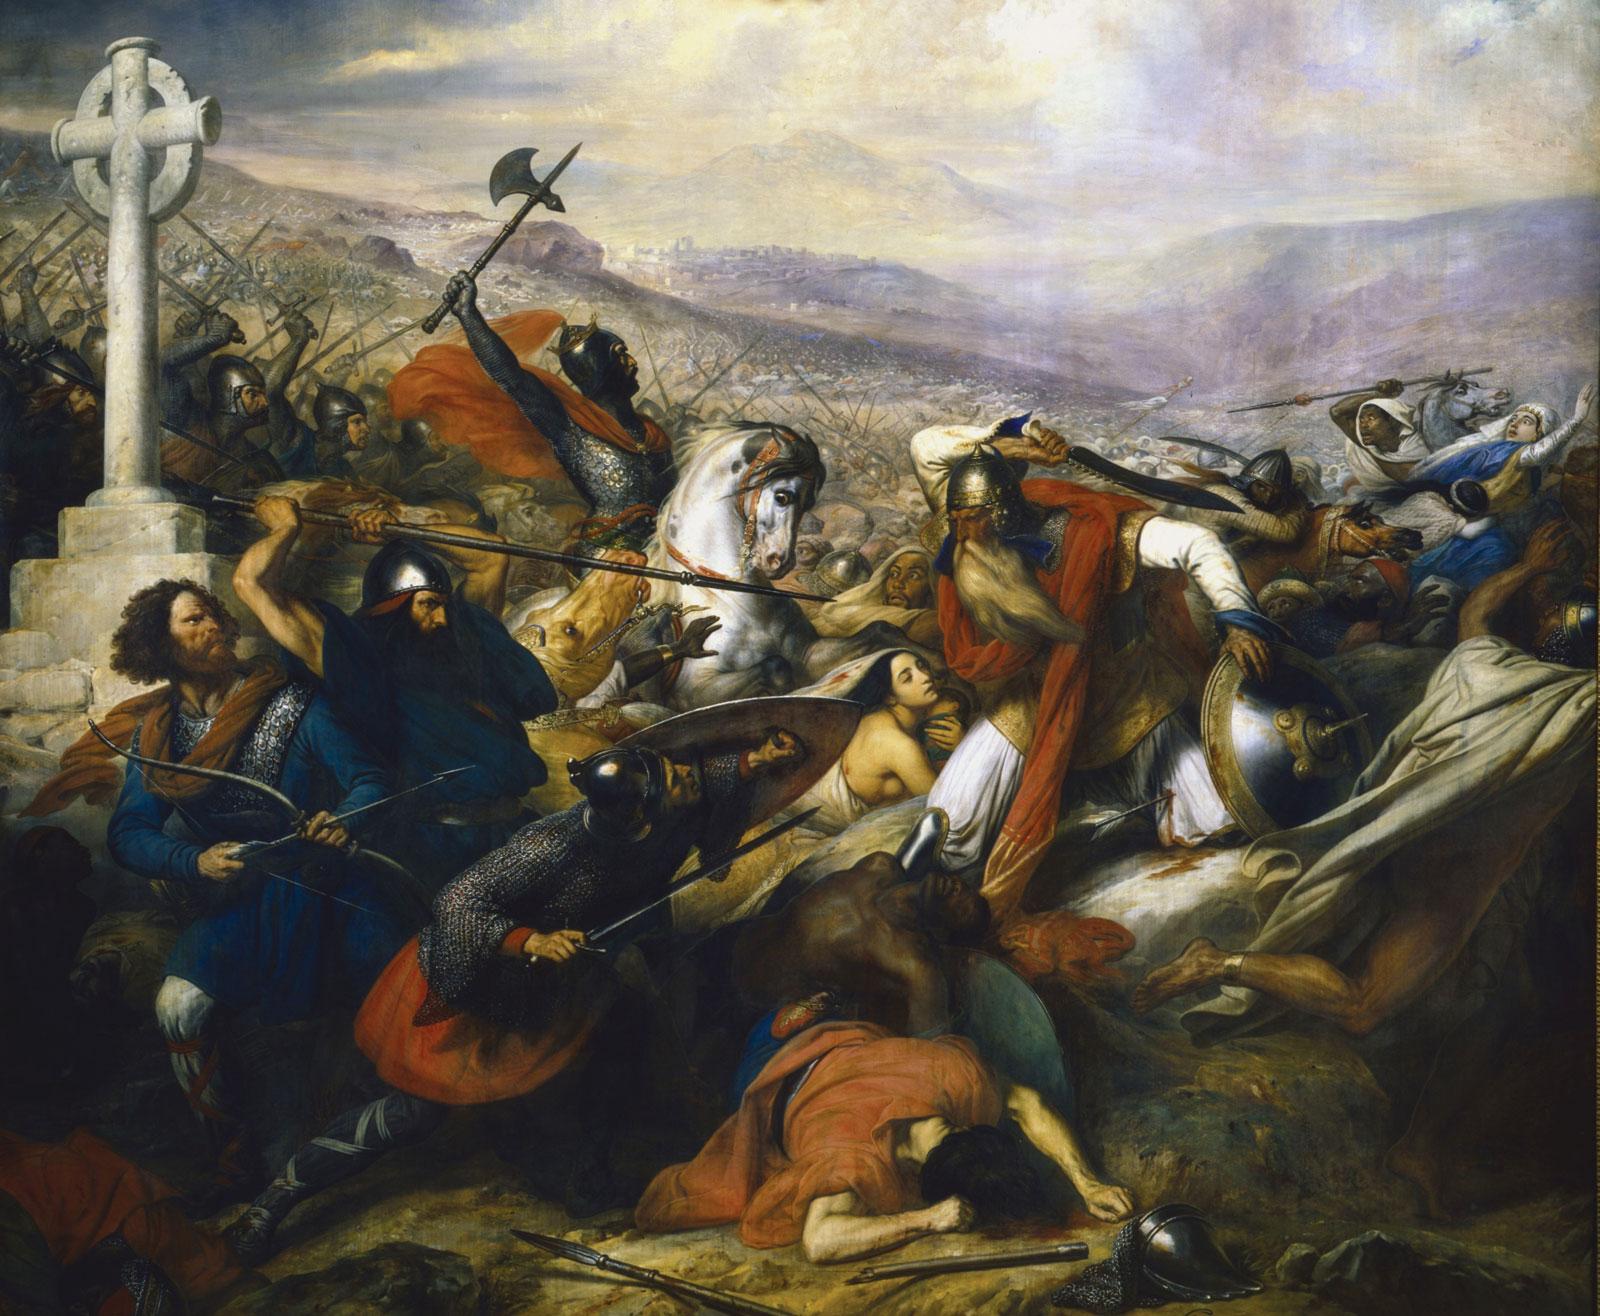 Έργο του ζωγράφου Charles de Steuben που απεικονίζει τη μάχη του Πουατιέ